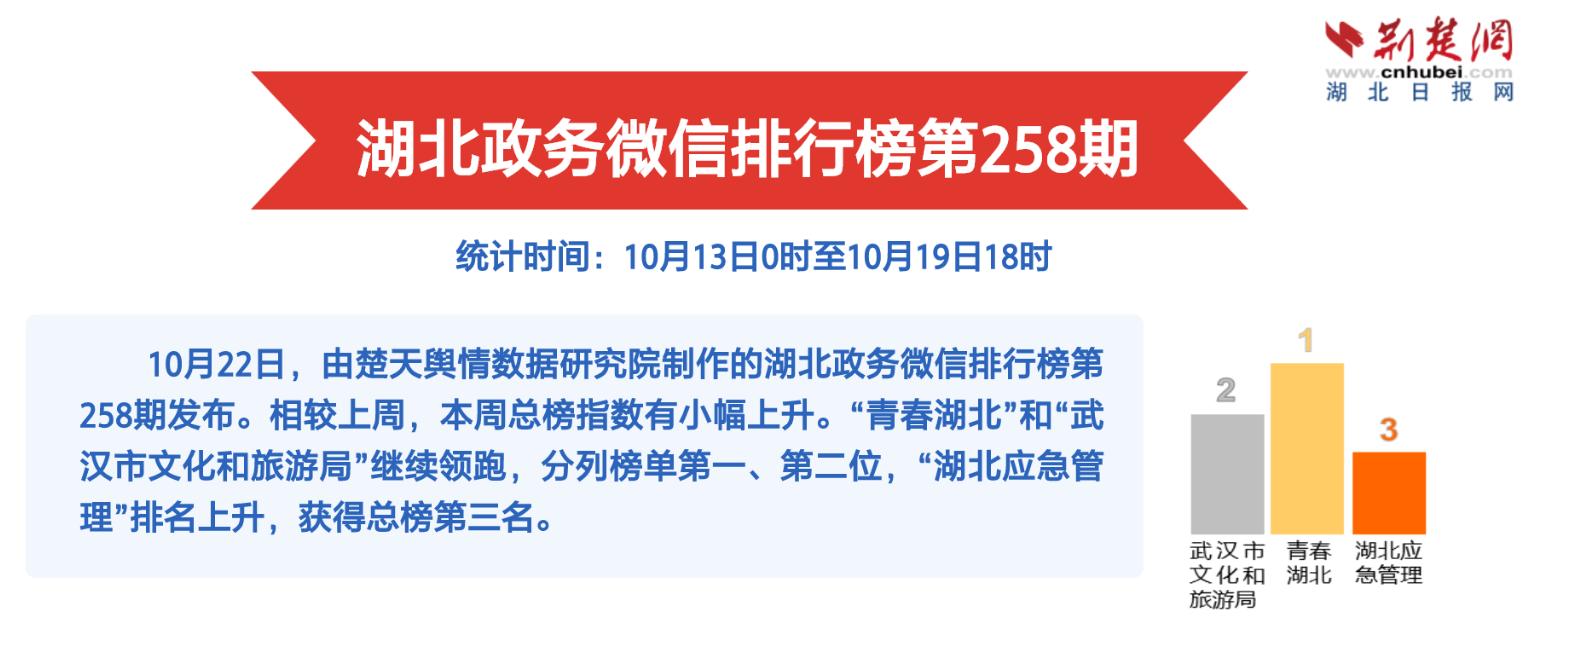 湖北政务微信排行榜第258期:军运会开幕,为世界军人打call